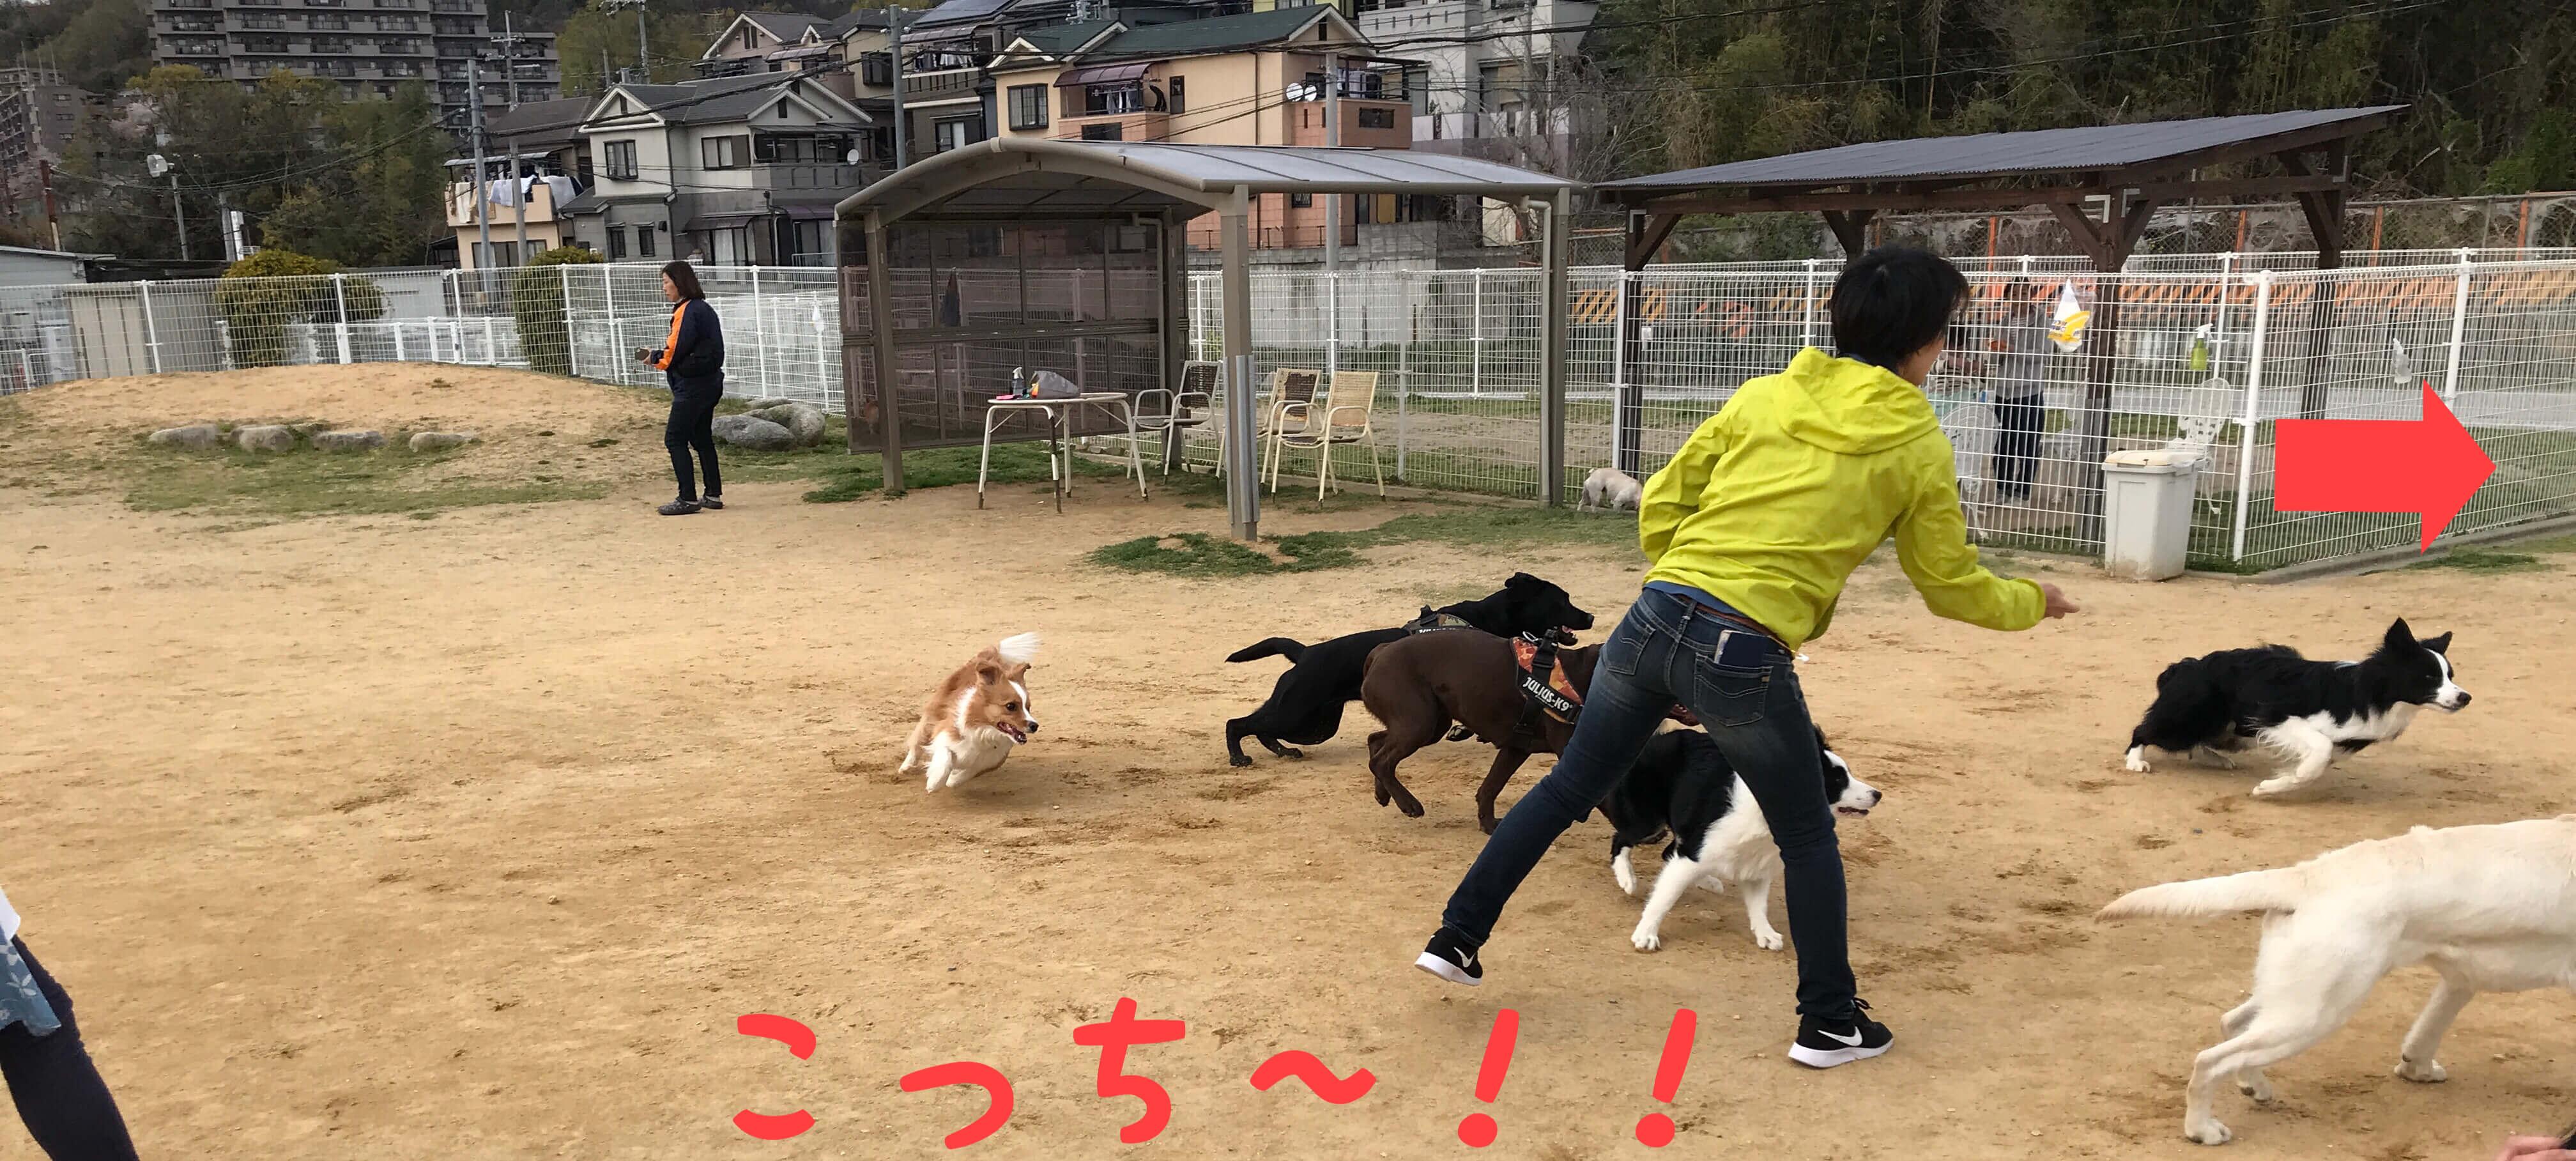 ワイルドガーデンぷらすわん ドッグラン こっち~!! プラーで遊ぶ沢山の犬